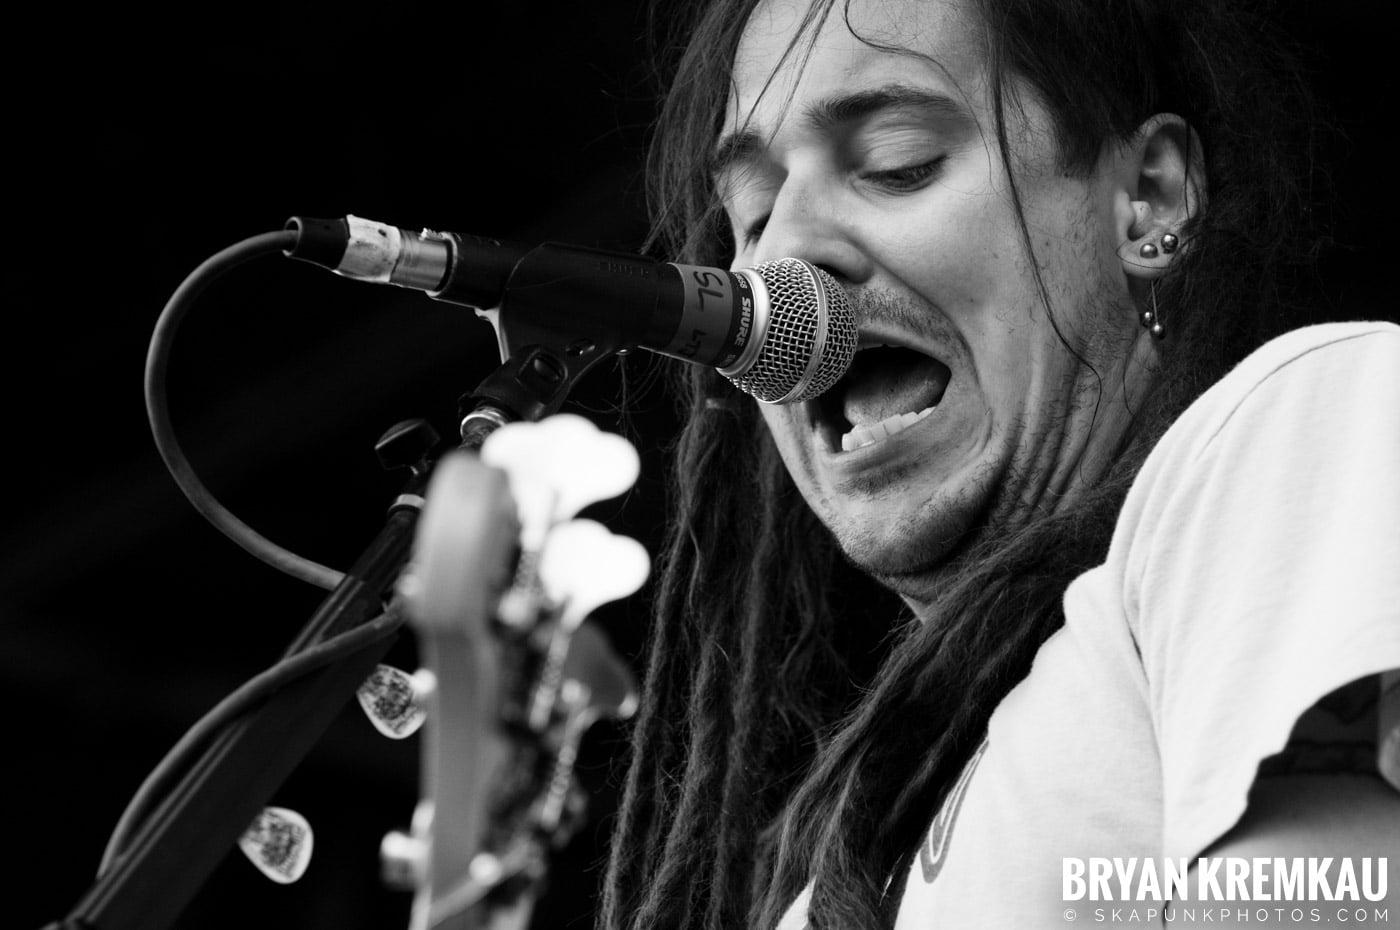 Less Than Jake @ Warped Tour 2009, Scranton PA - 07.15.09 (4)